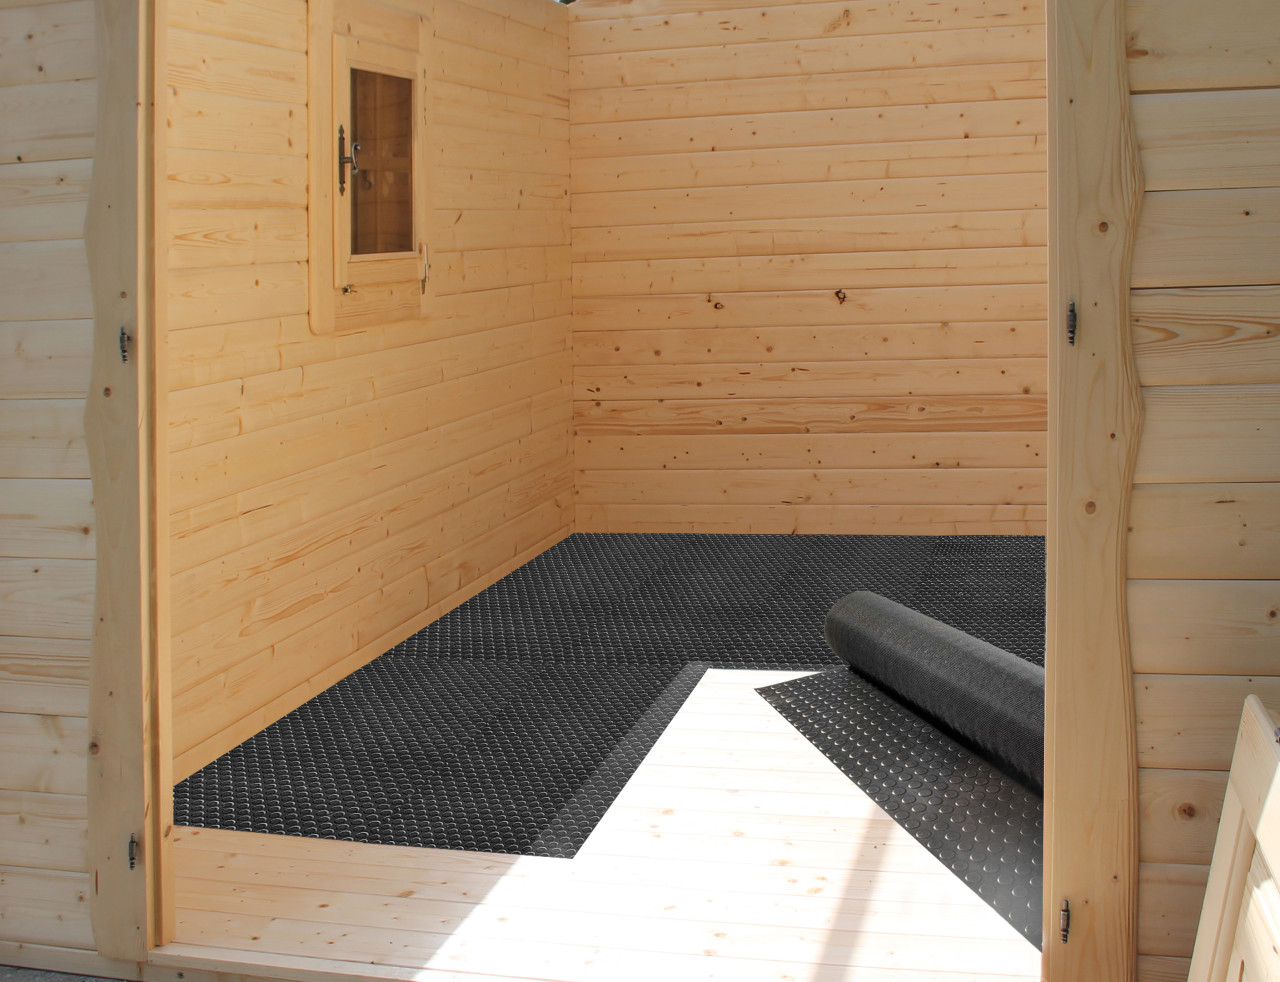 Cose utili da sapere sulle casette di legno la pratolina for La pratolina casette